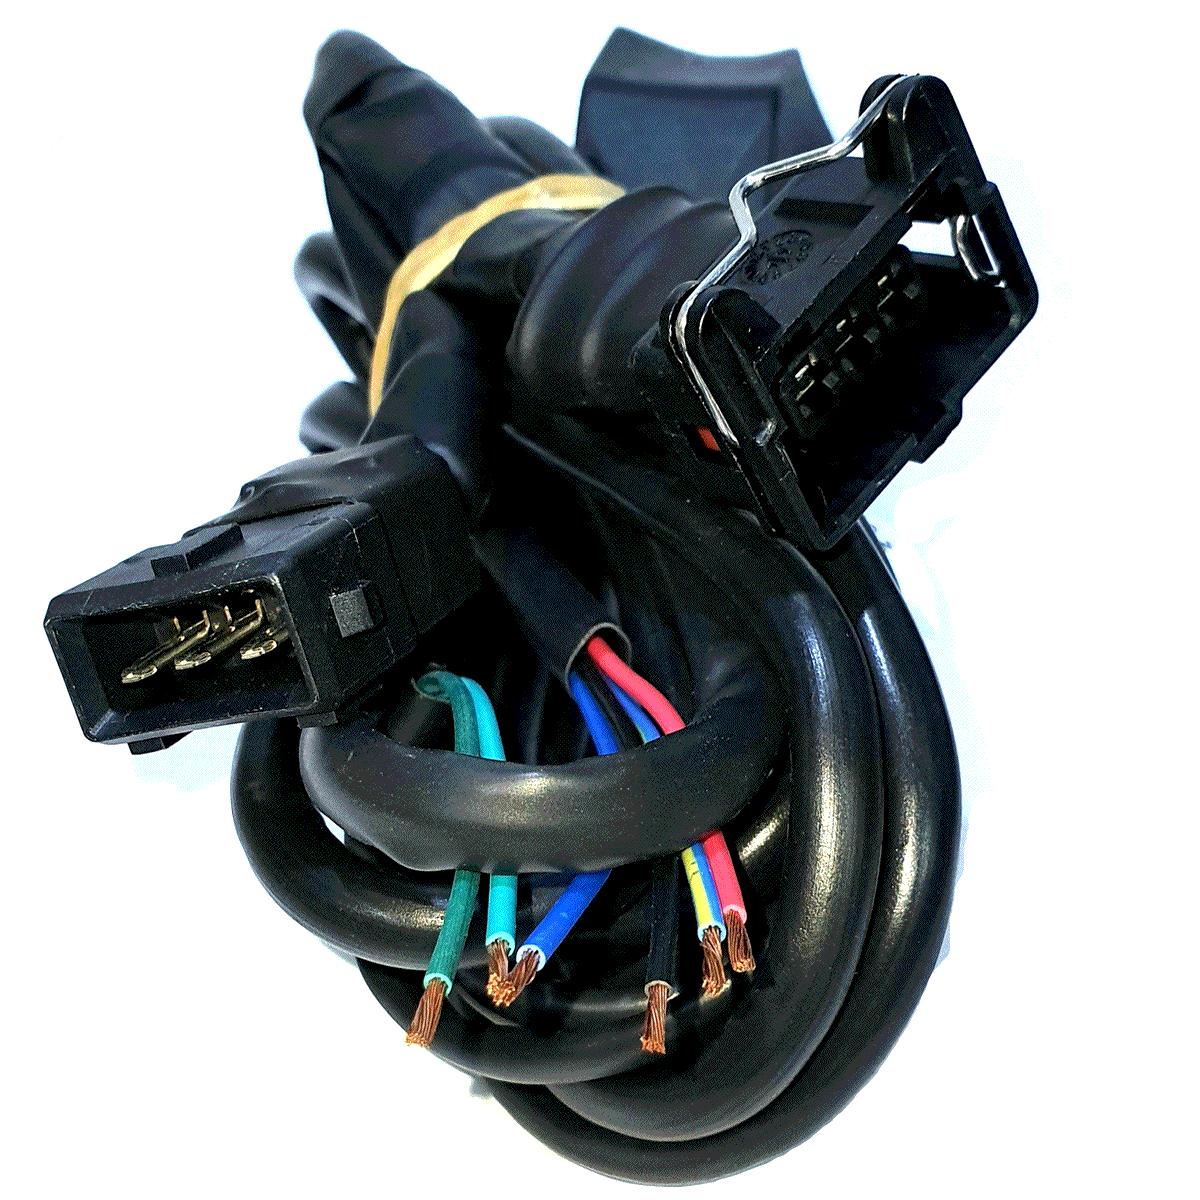 Chicote Original de Variador Cobra 510N e outras cópias